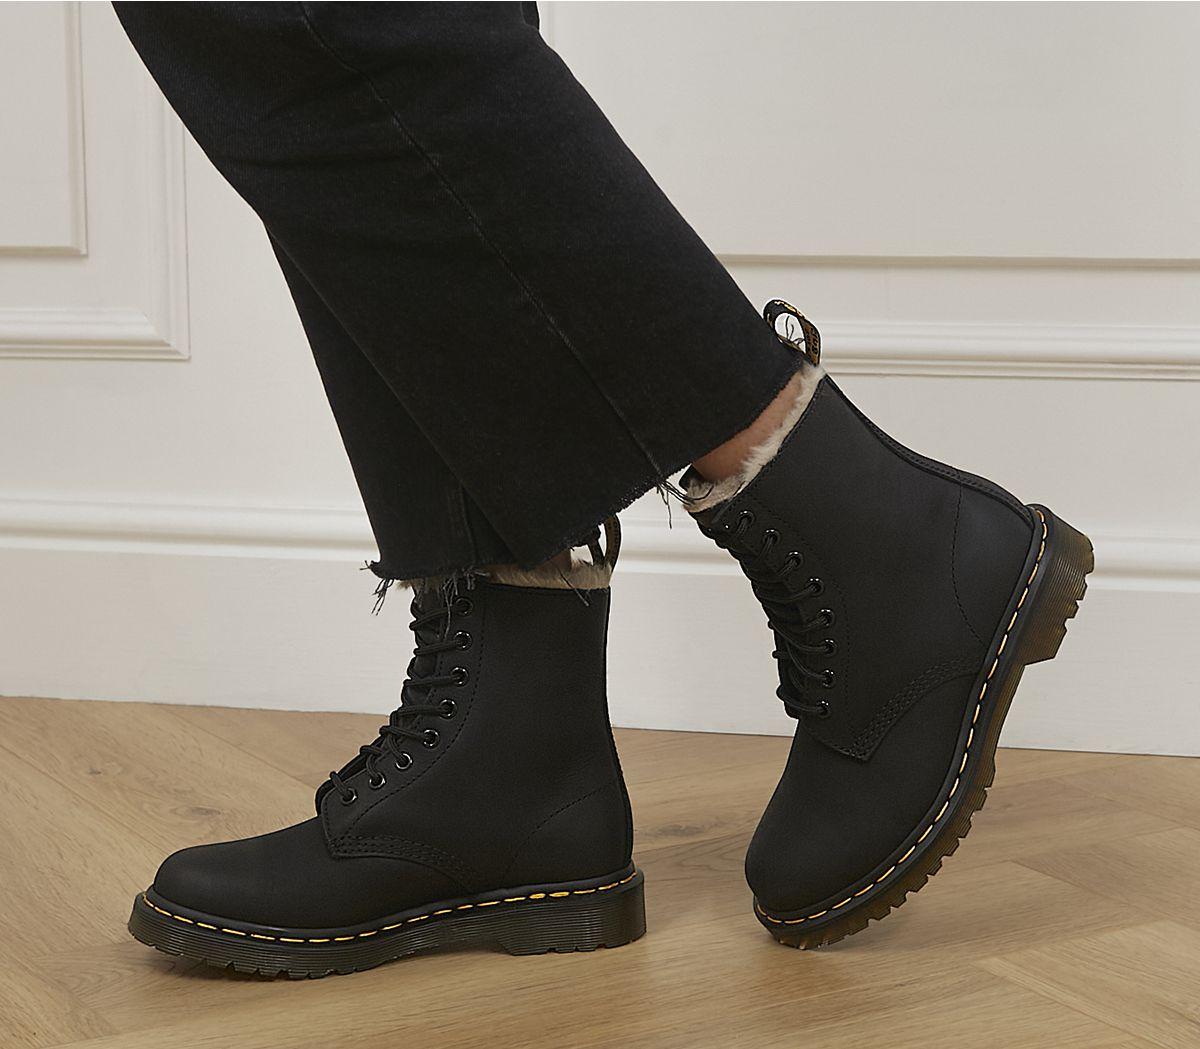 46d99391b97 Serena 8 Eyelet Boots